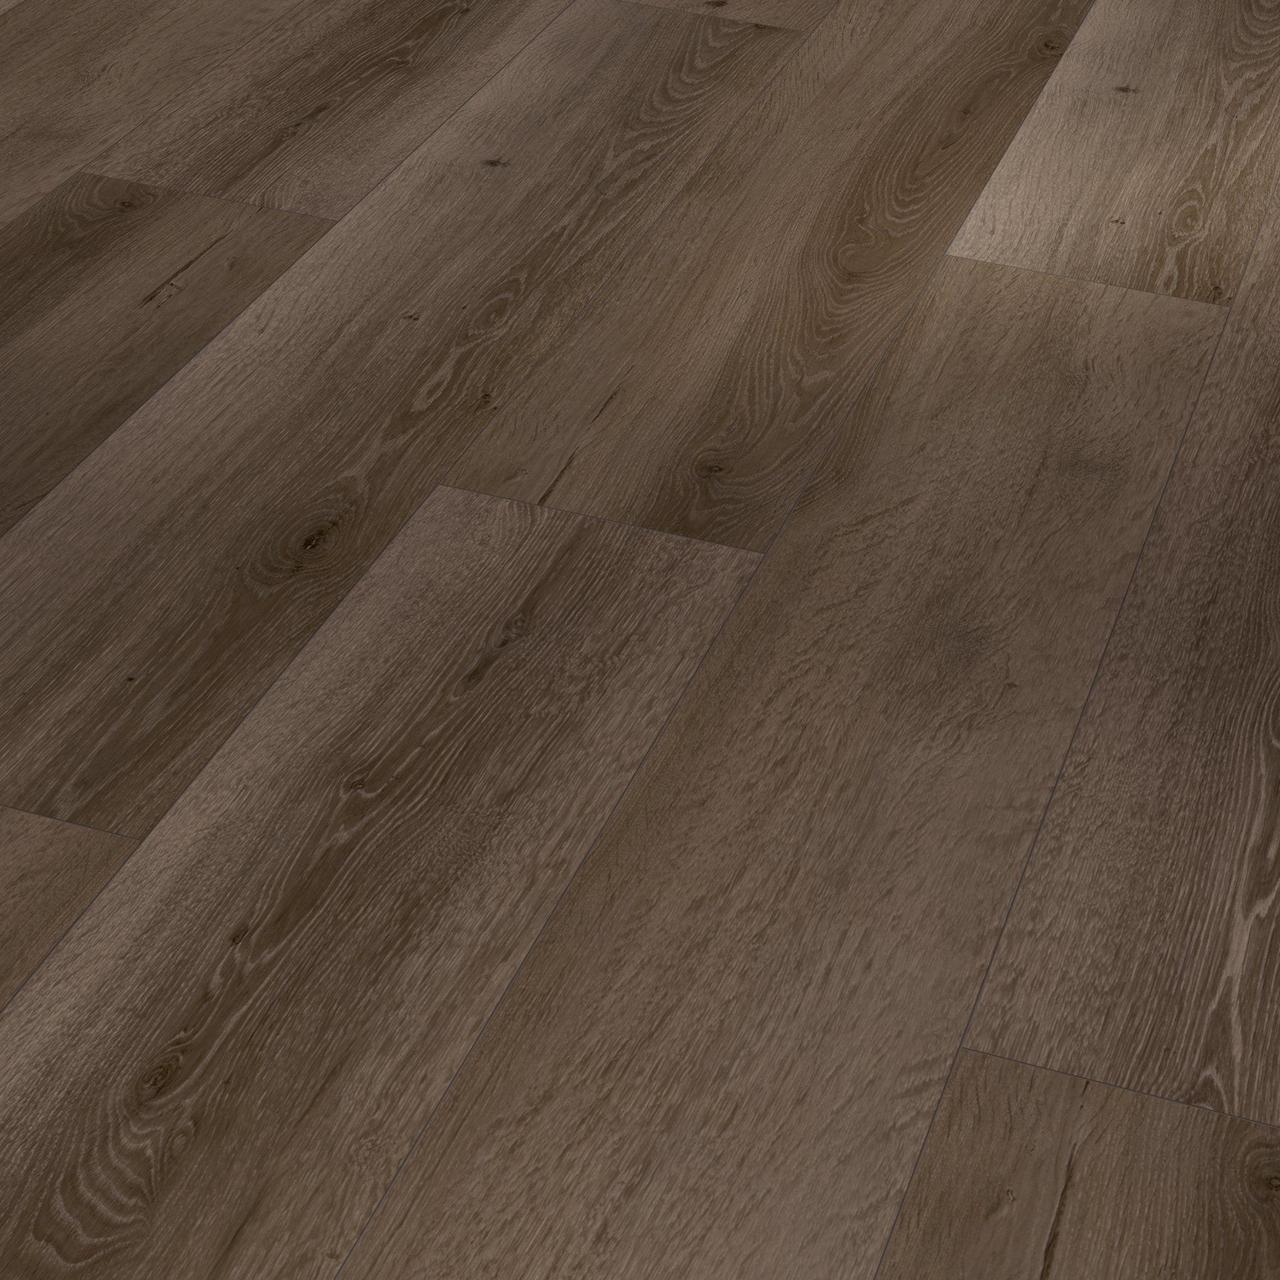 Вінілові покриття Parador Дуб Скайлайн сірий браш (Oak Skyline grey)